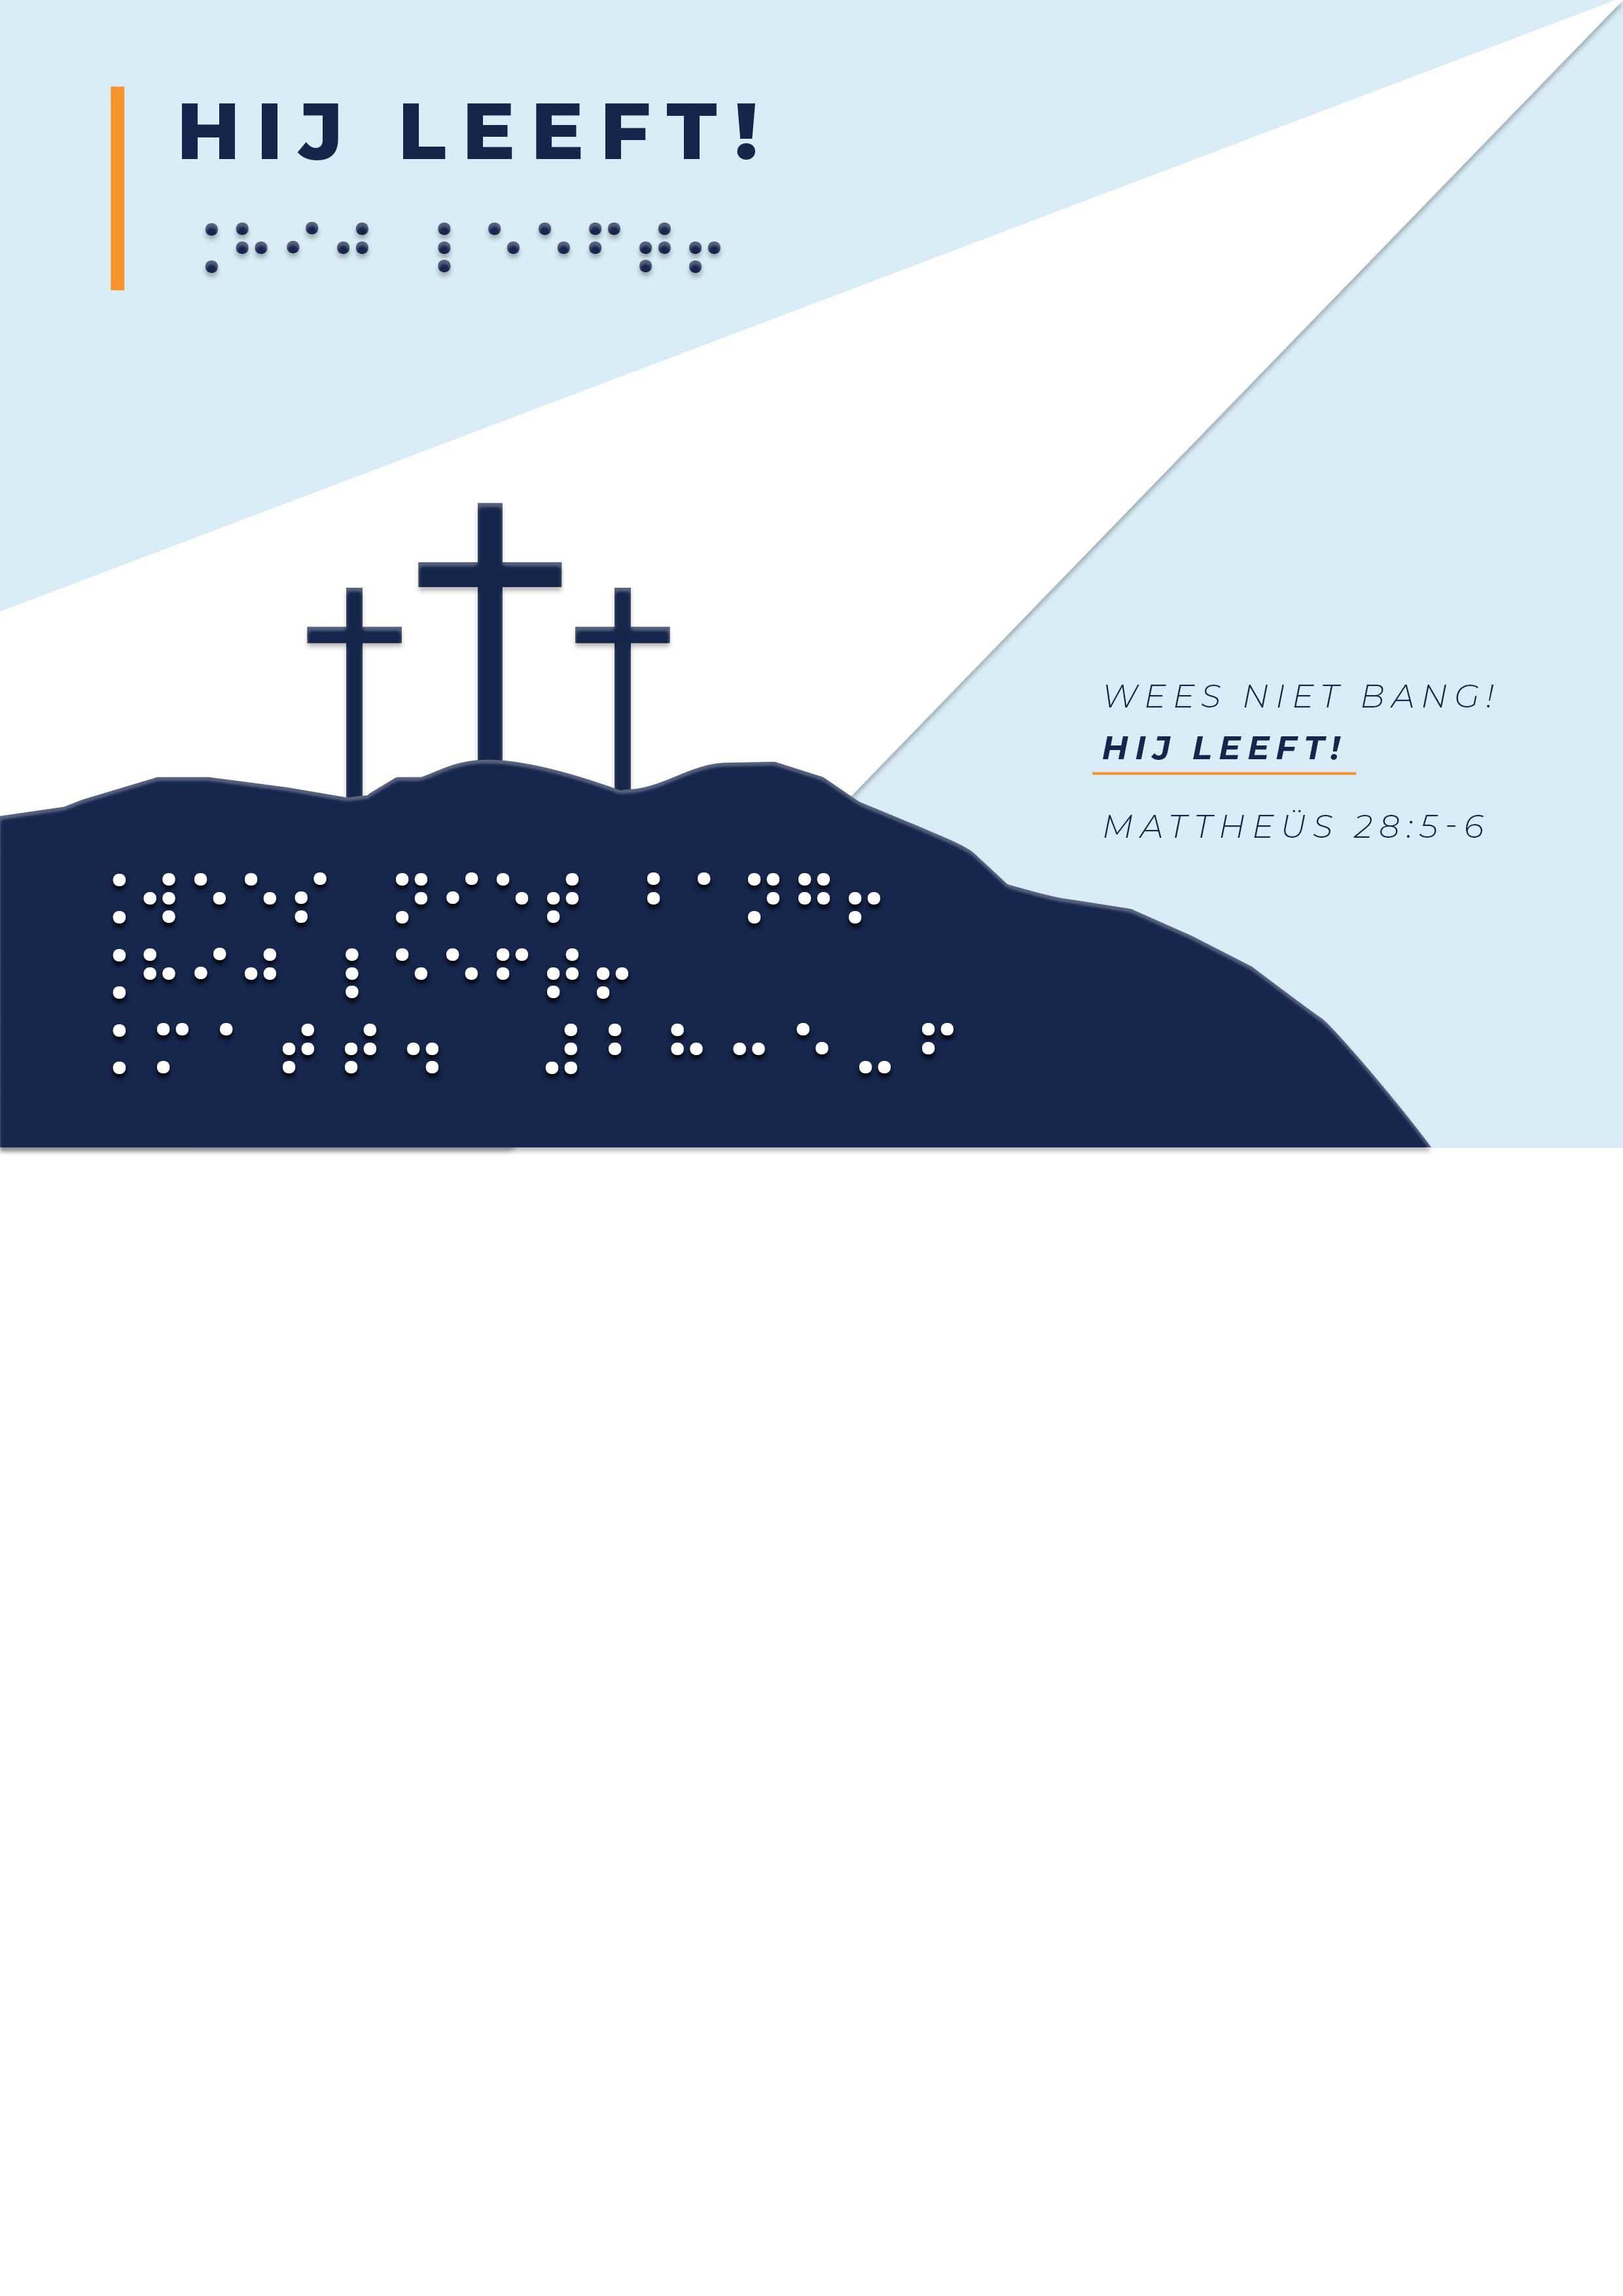 Voelbare wenskaart met braille en reliëf. In braille de tekst: Hij leeft (Matt. 28:5-6), Met ful color voelbare afbeelding van drie kruizen op Golgotha.